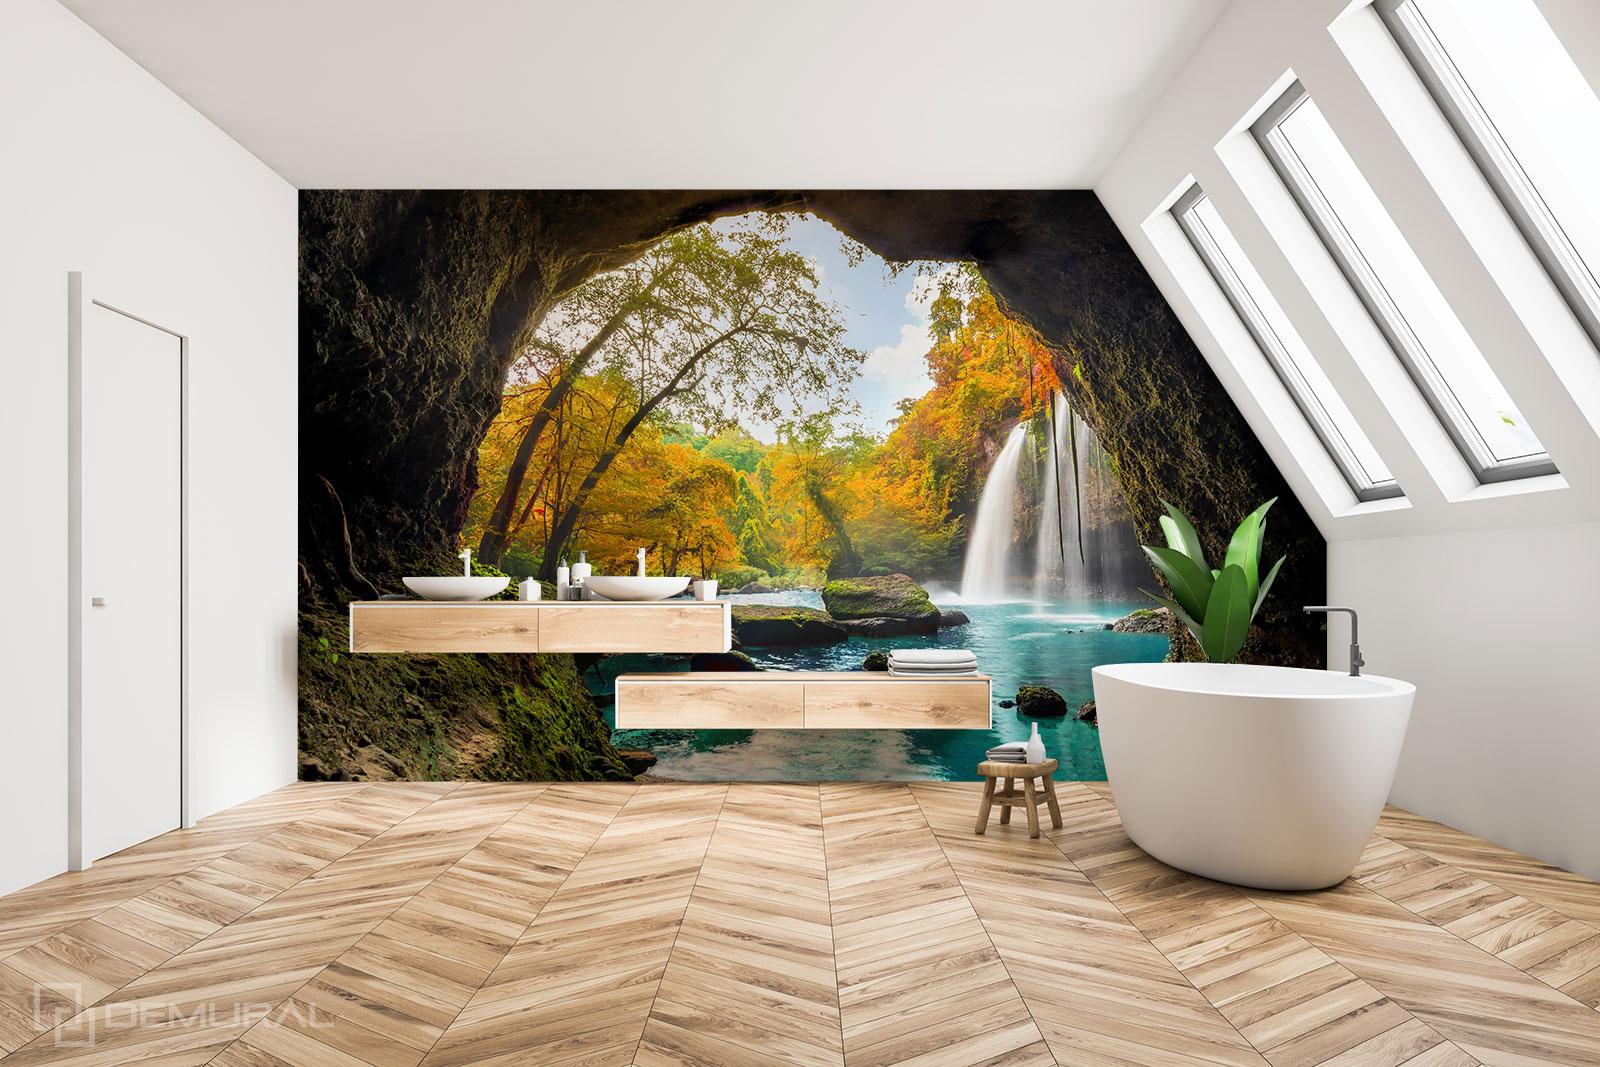 Papier peint Oasis privée - Papier peint de la salle de bains - Demural